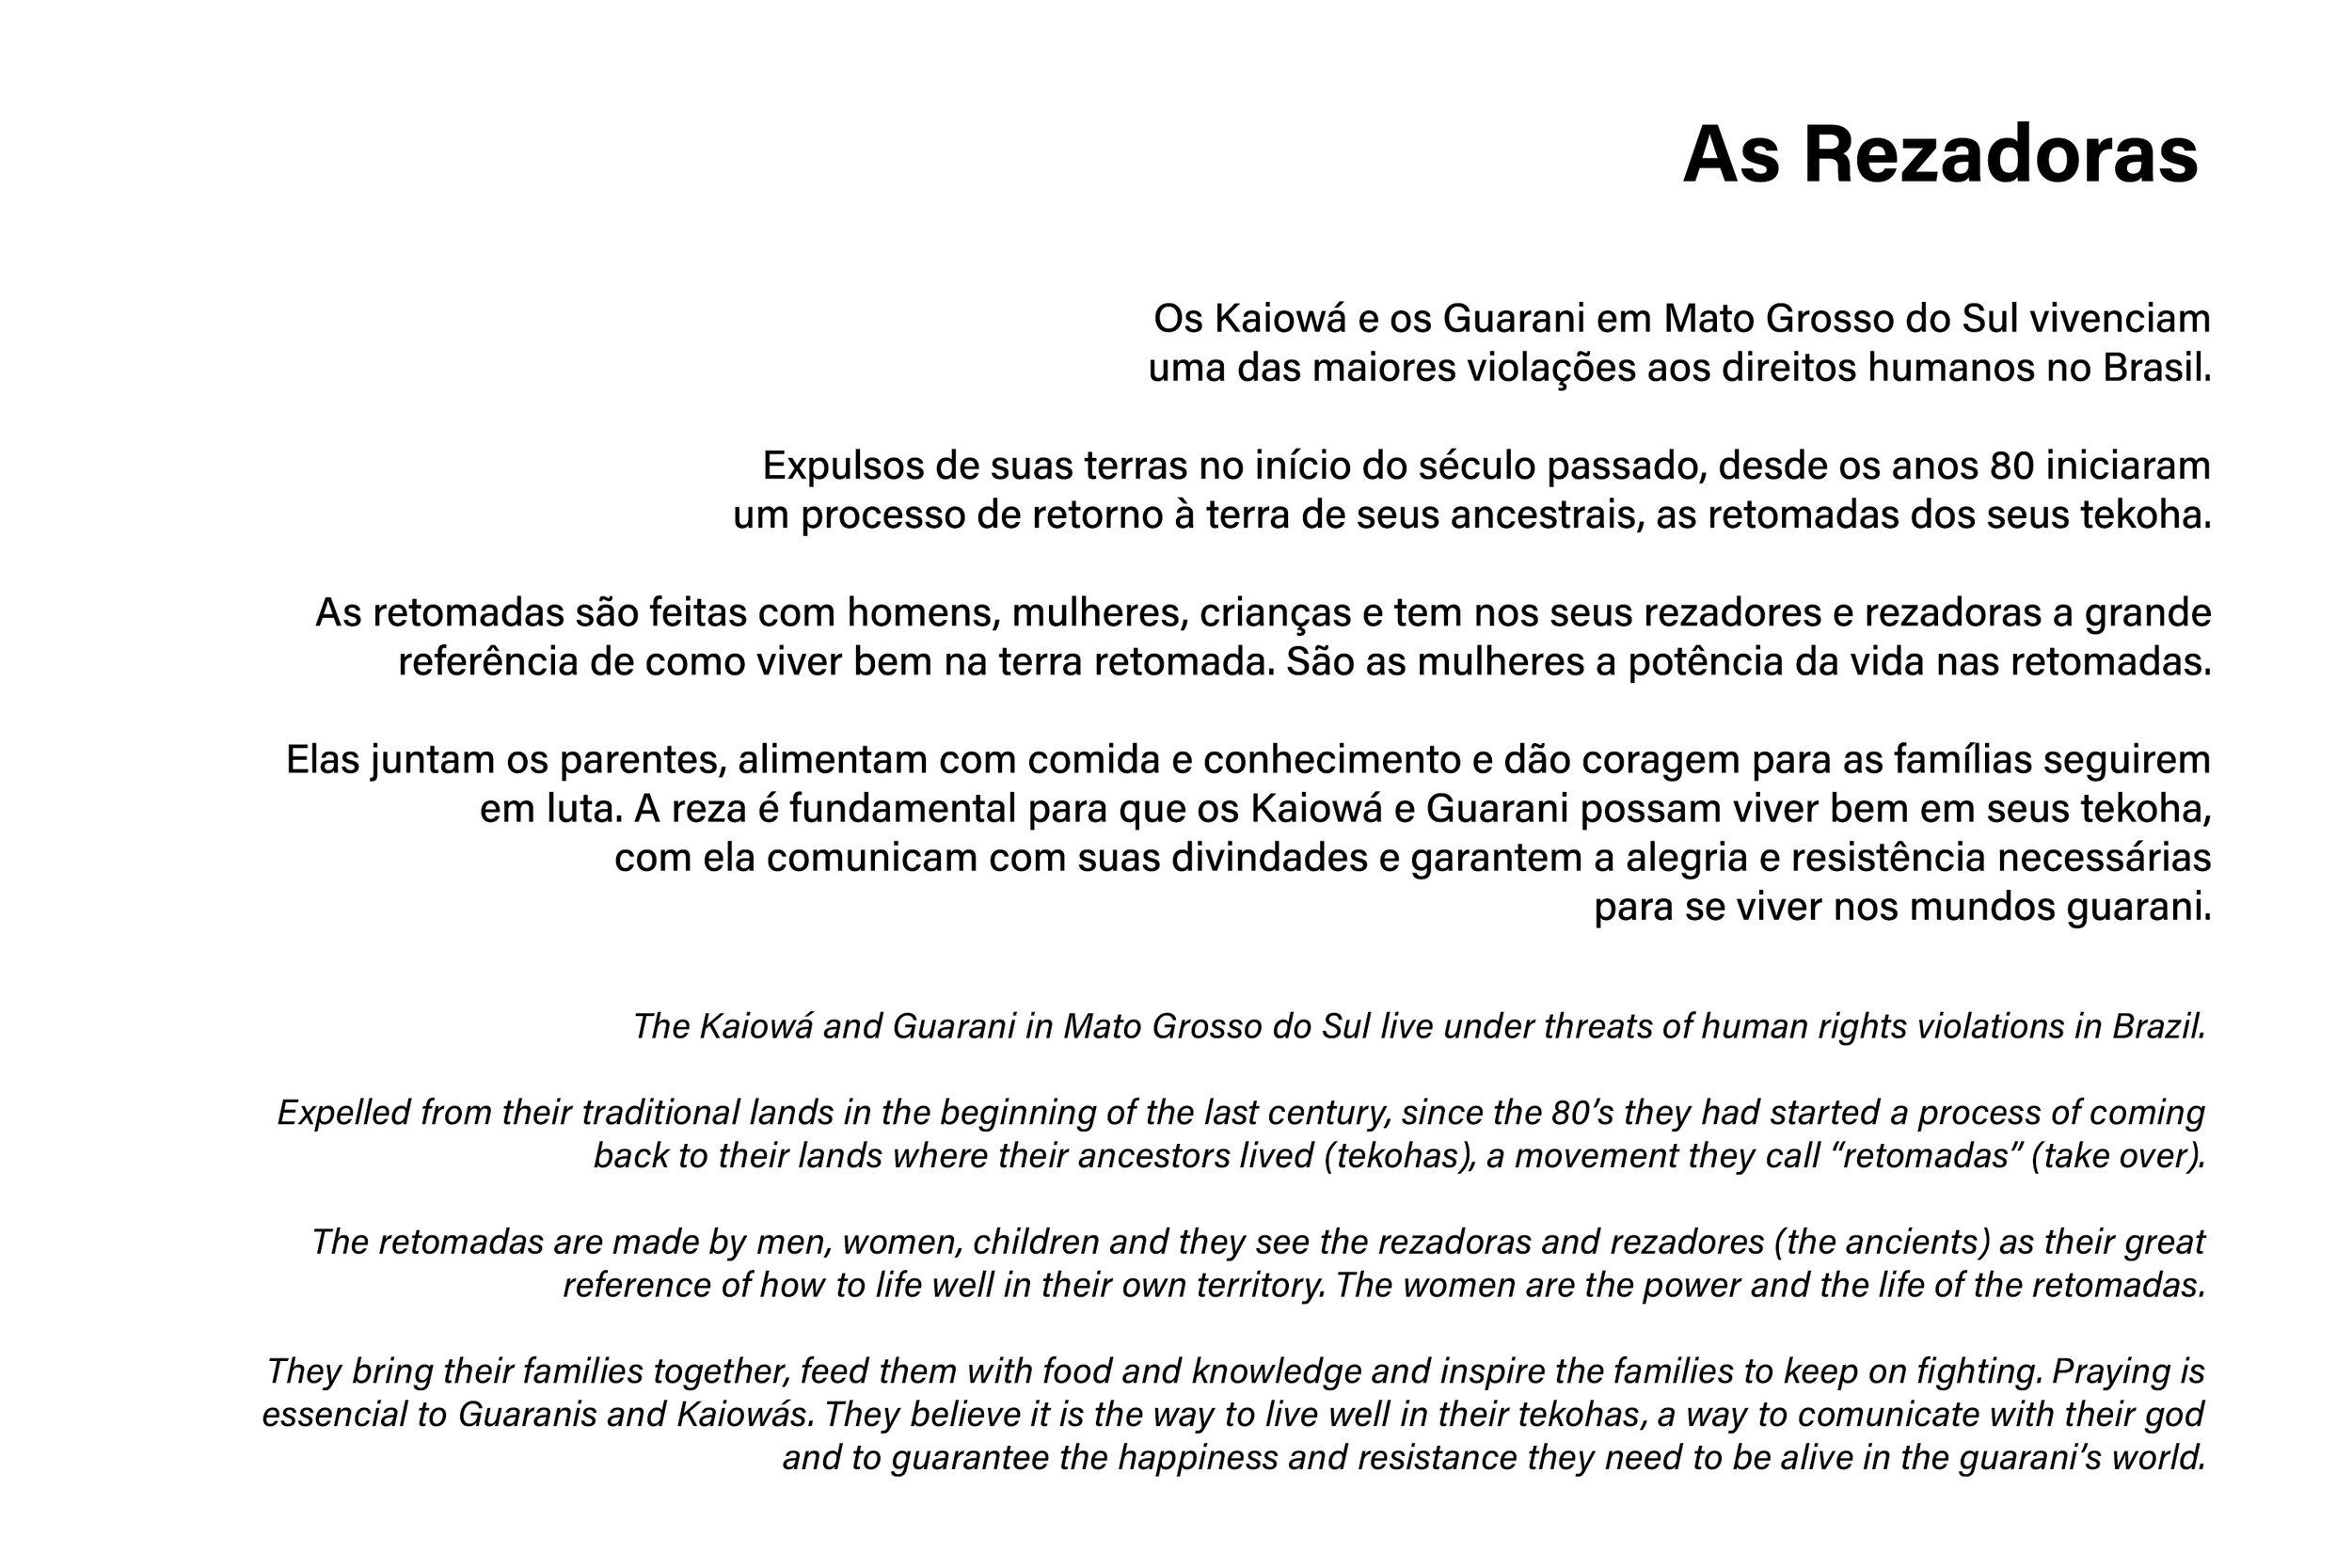 cartela-rezadoras2 VALE ESSA.jpg